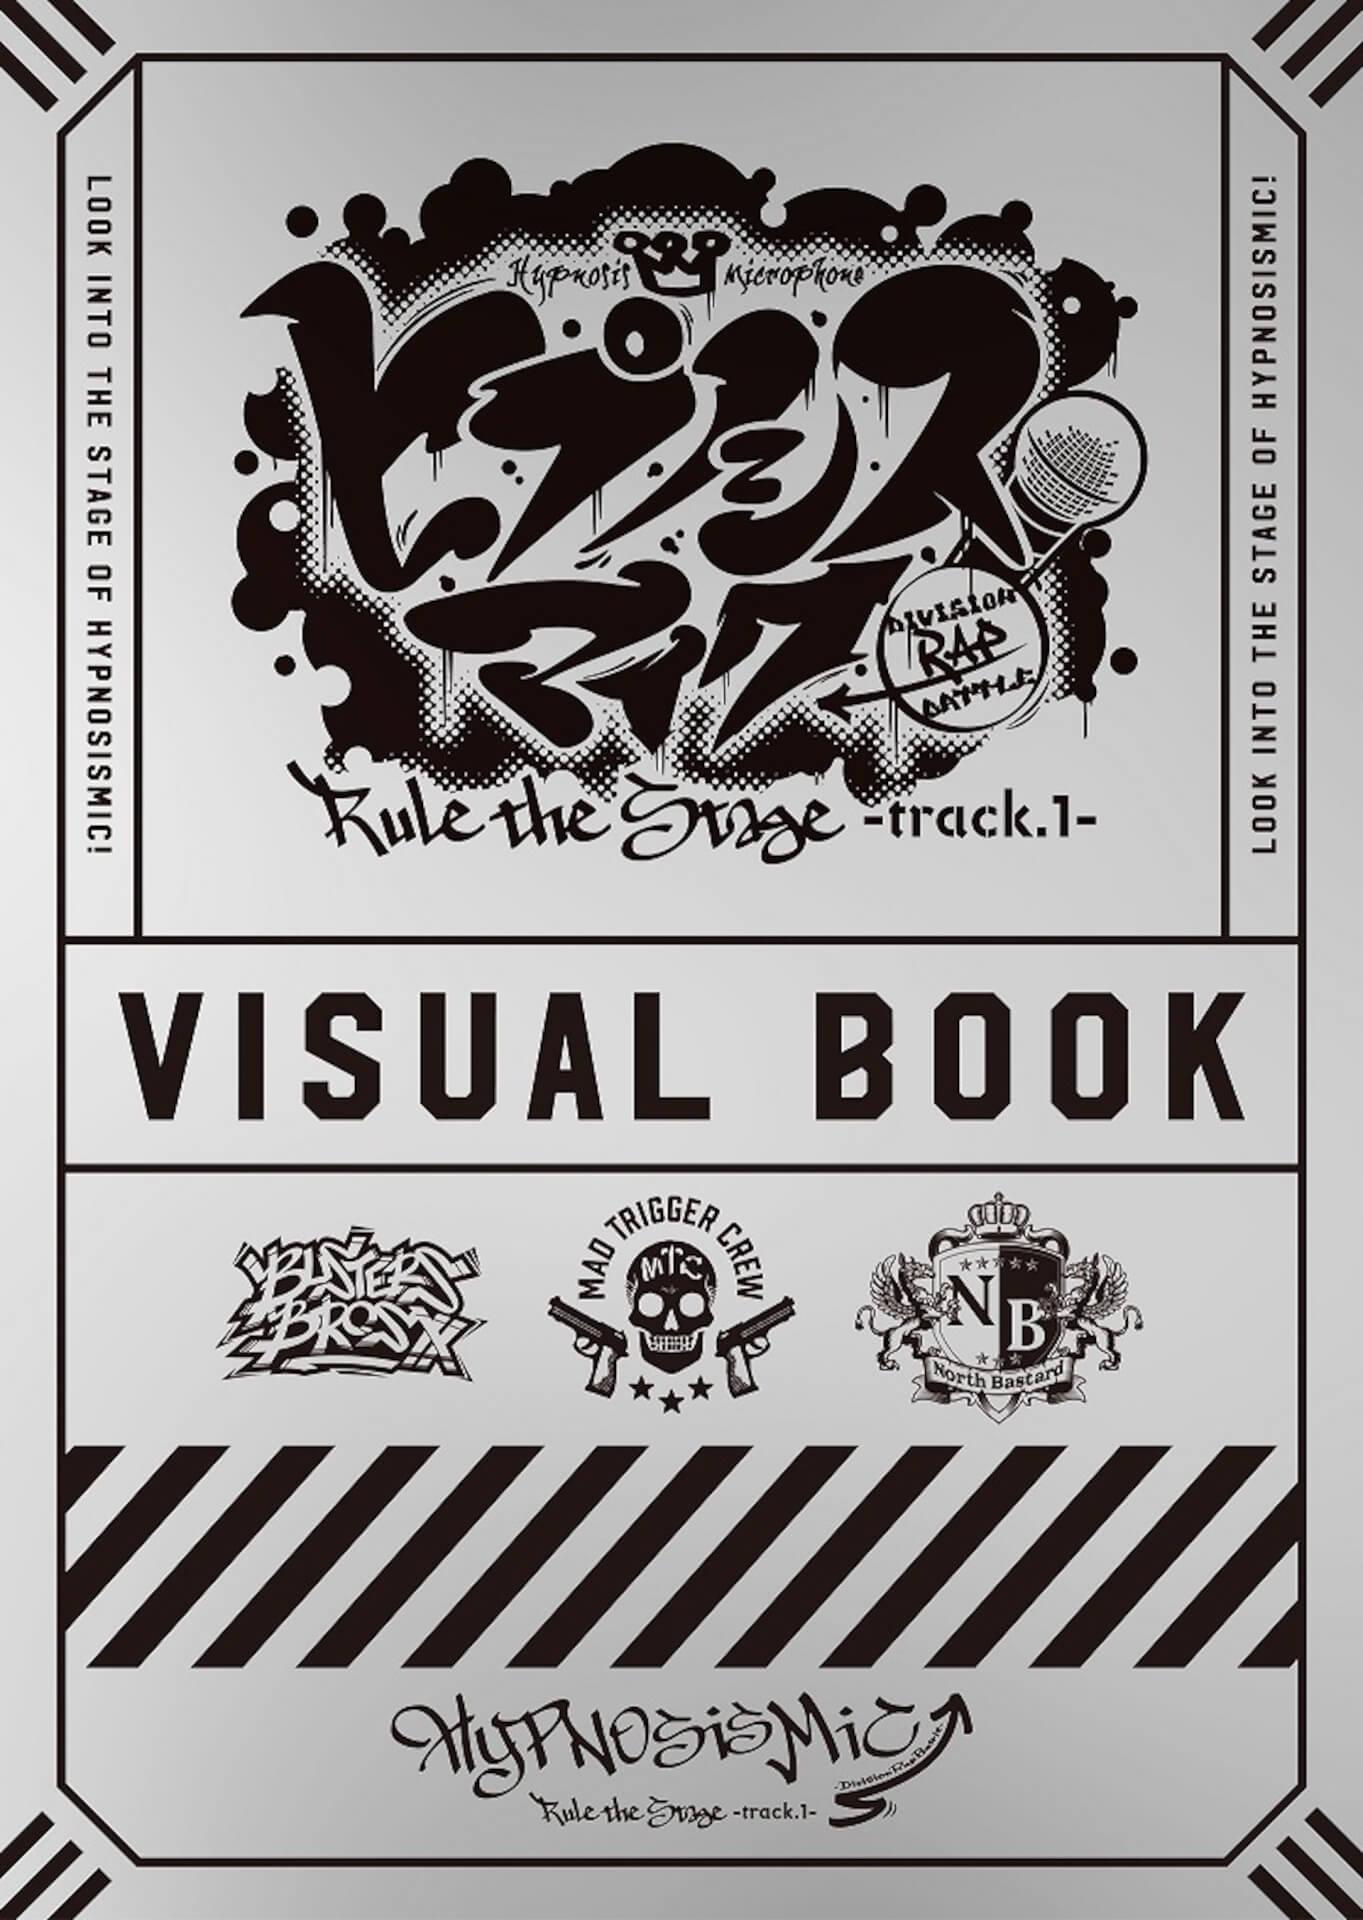 昨年上演された舞台「ヒプノシスマイク」track.1のBlu-ray&DVDパッケージとビジュアルブック表紙が公開! art200228_hypnosismic_7